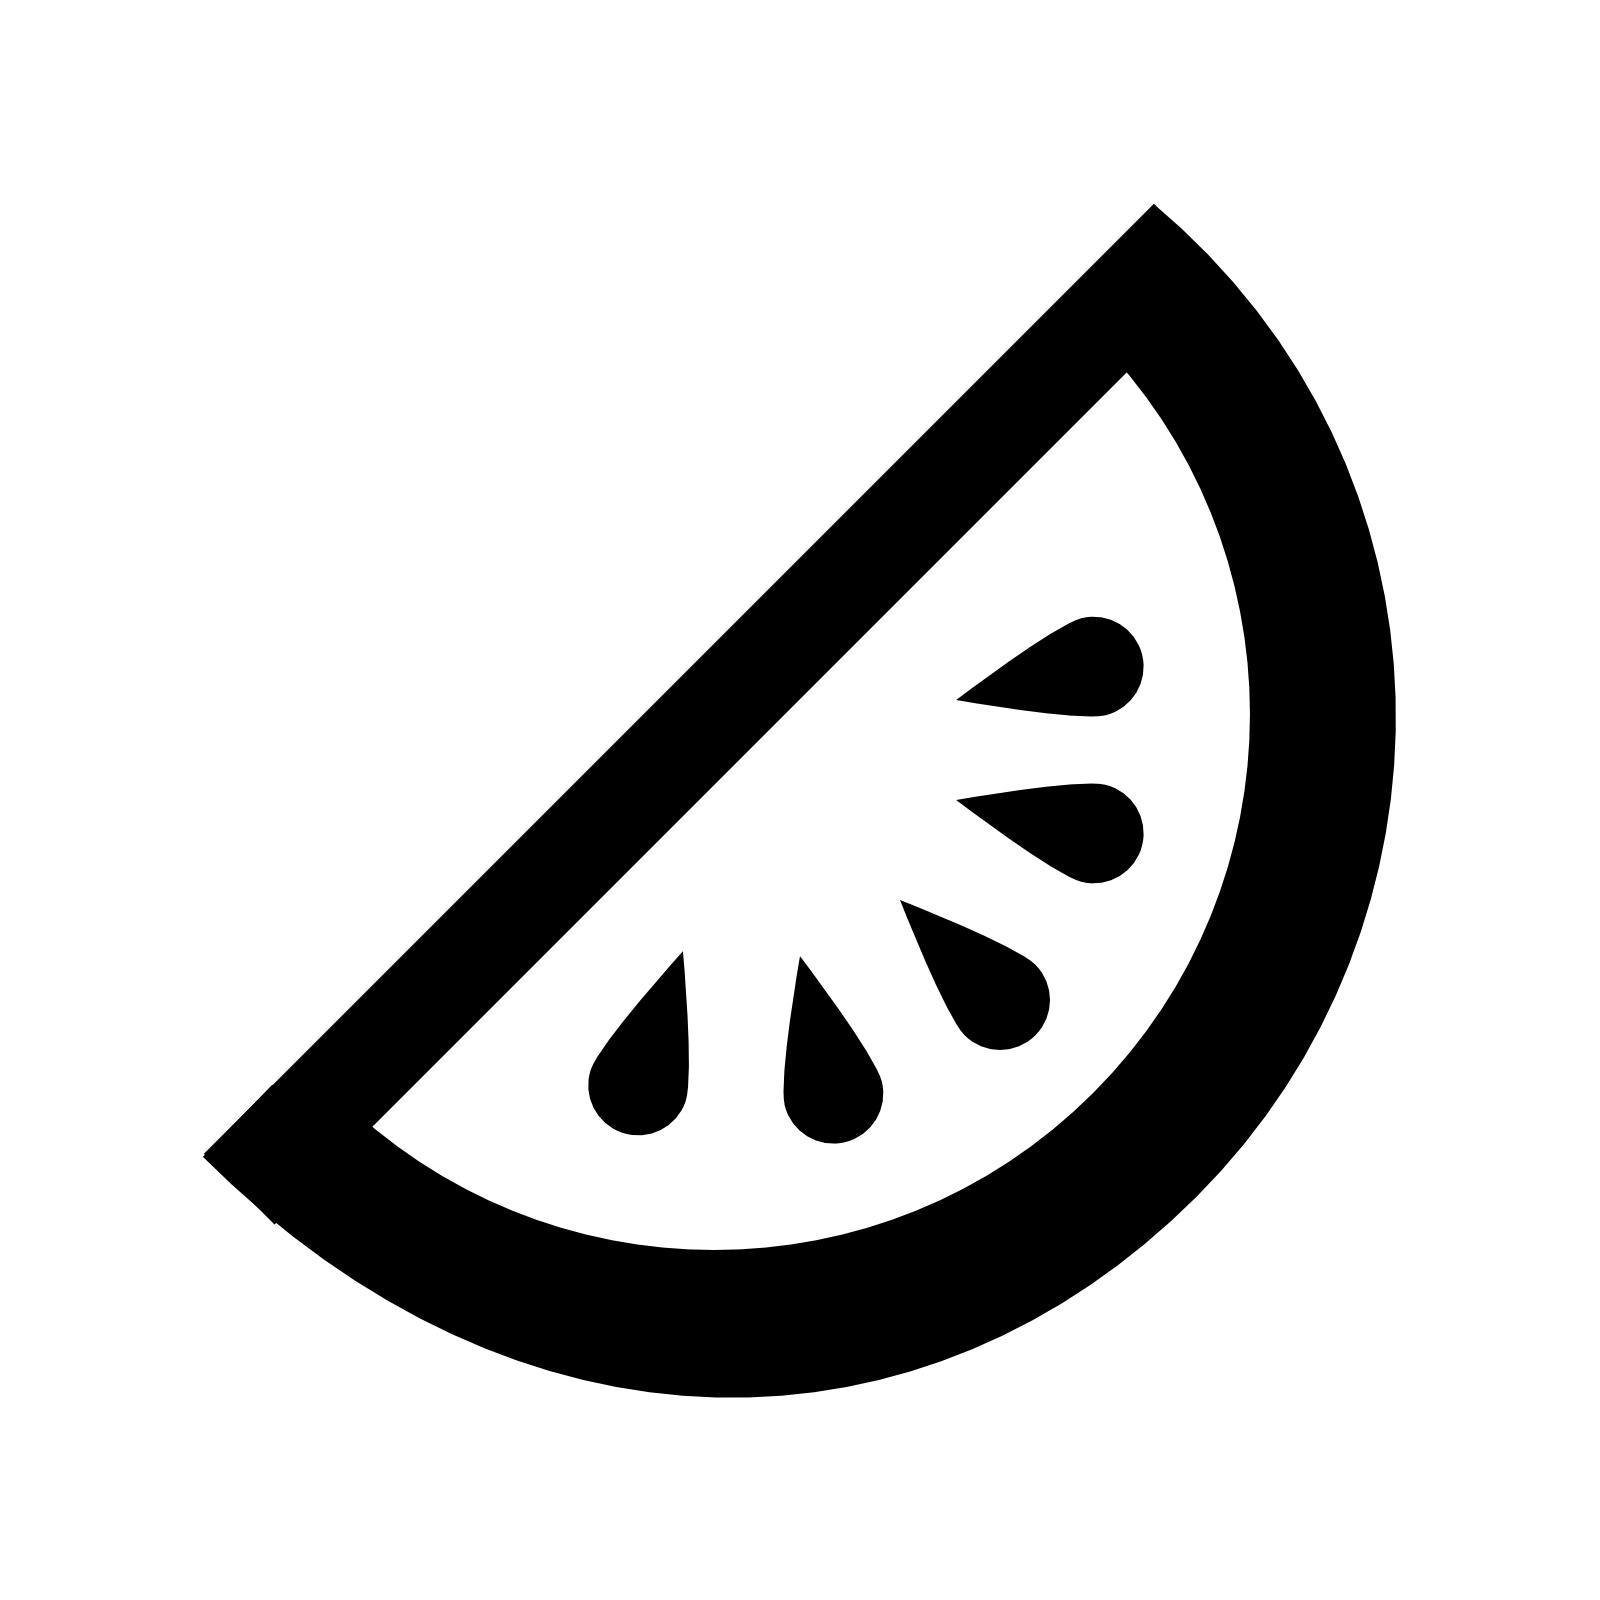 1600x1600 Watermelon clipart icon